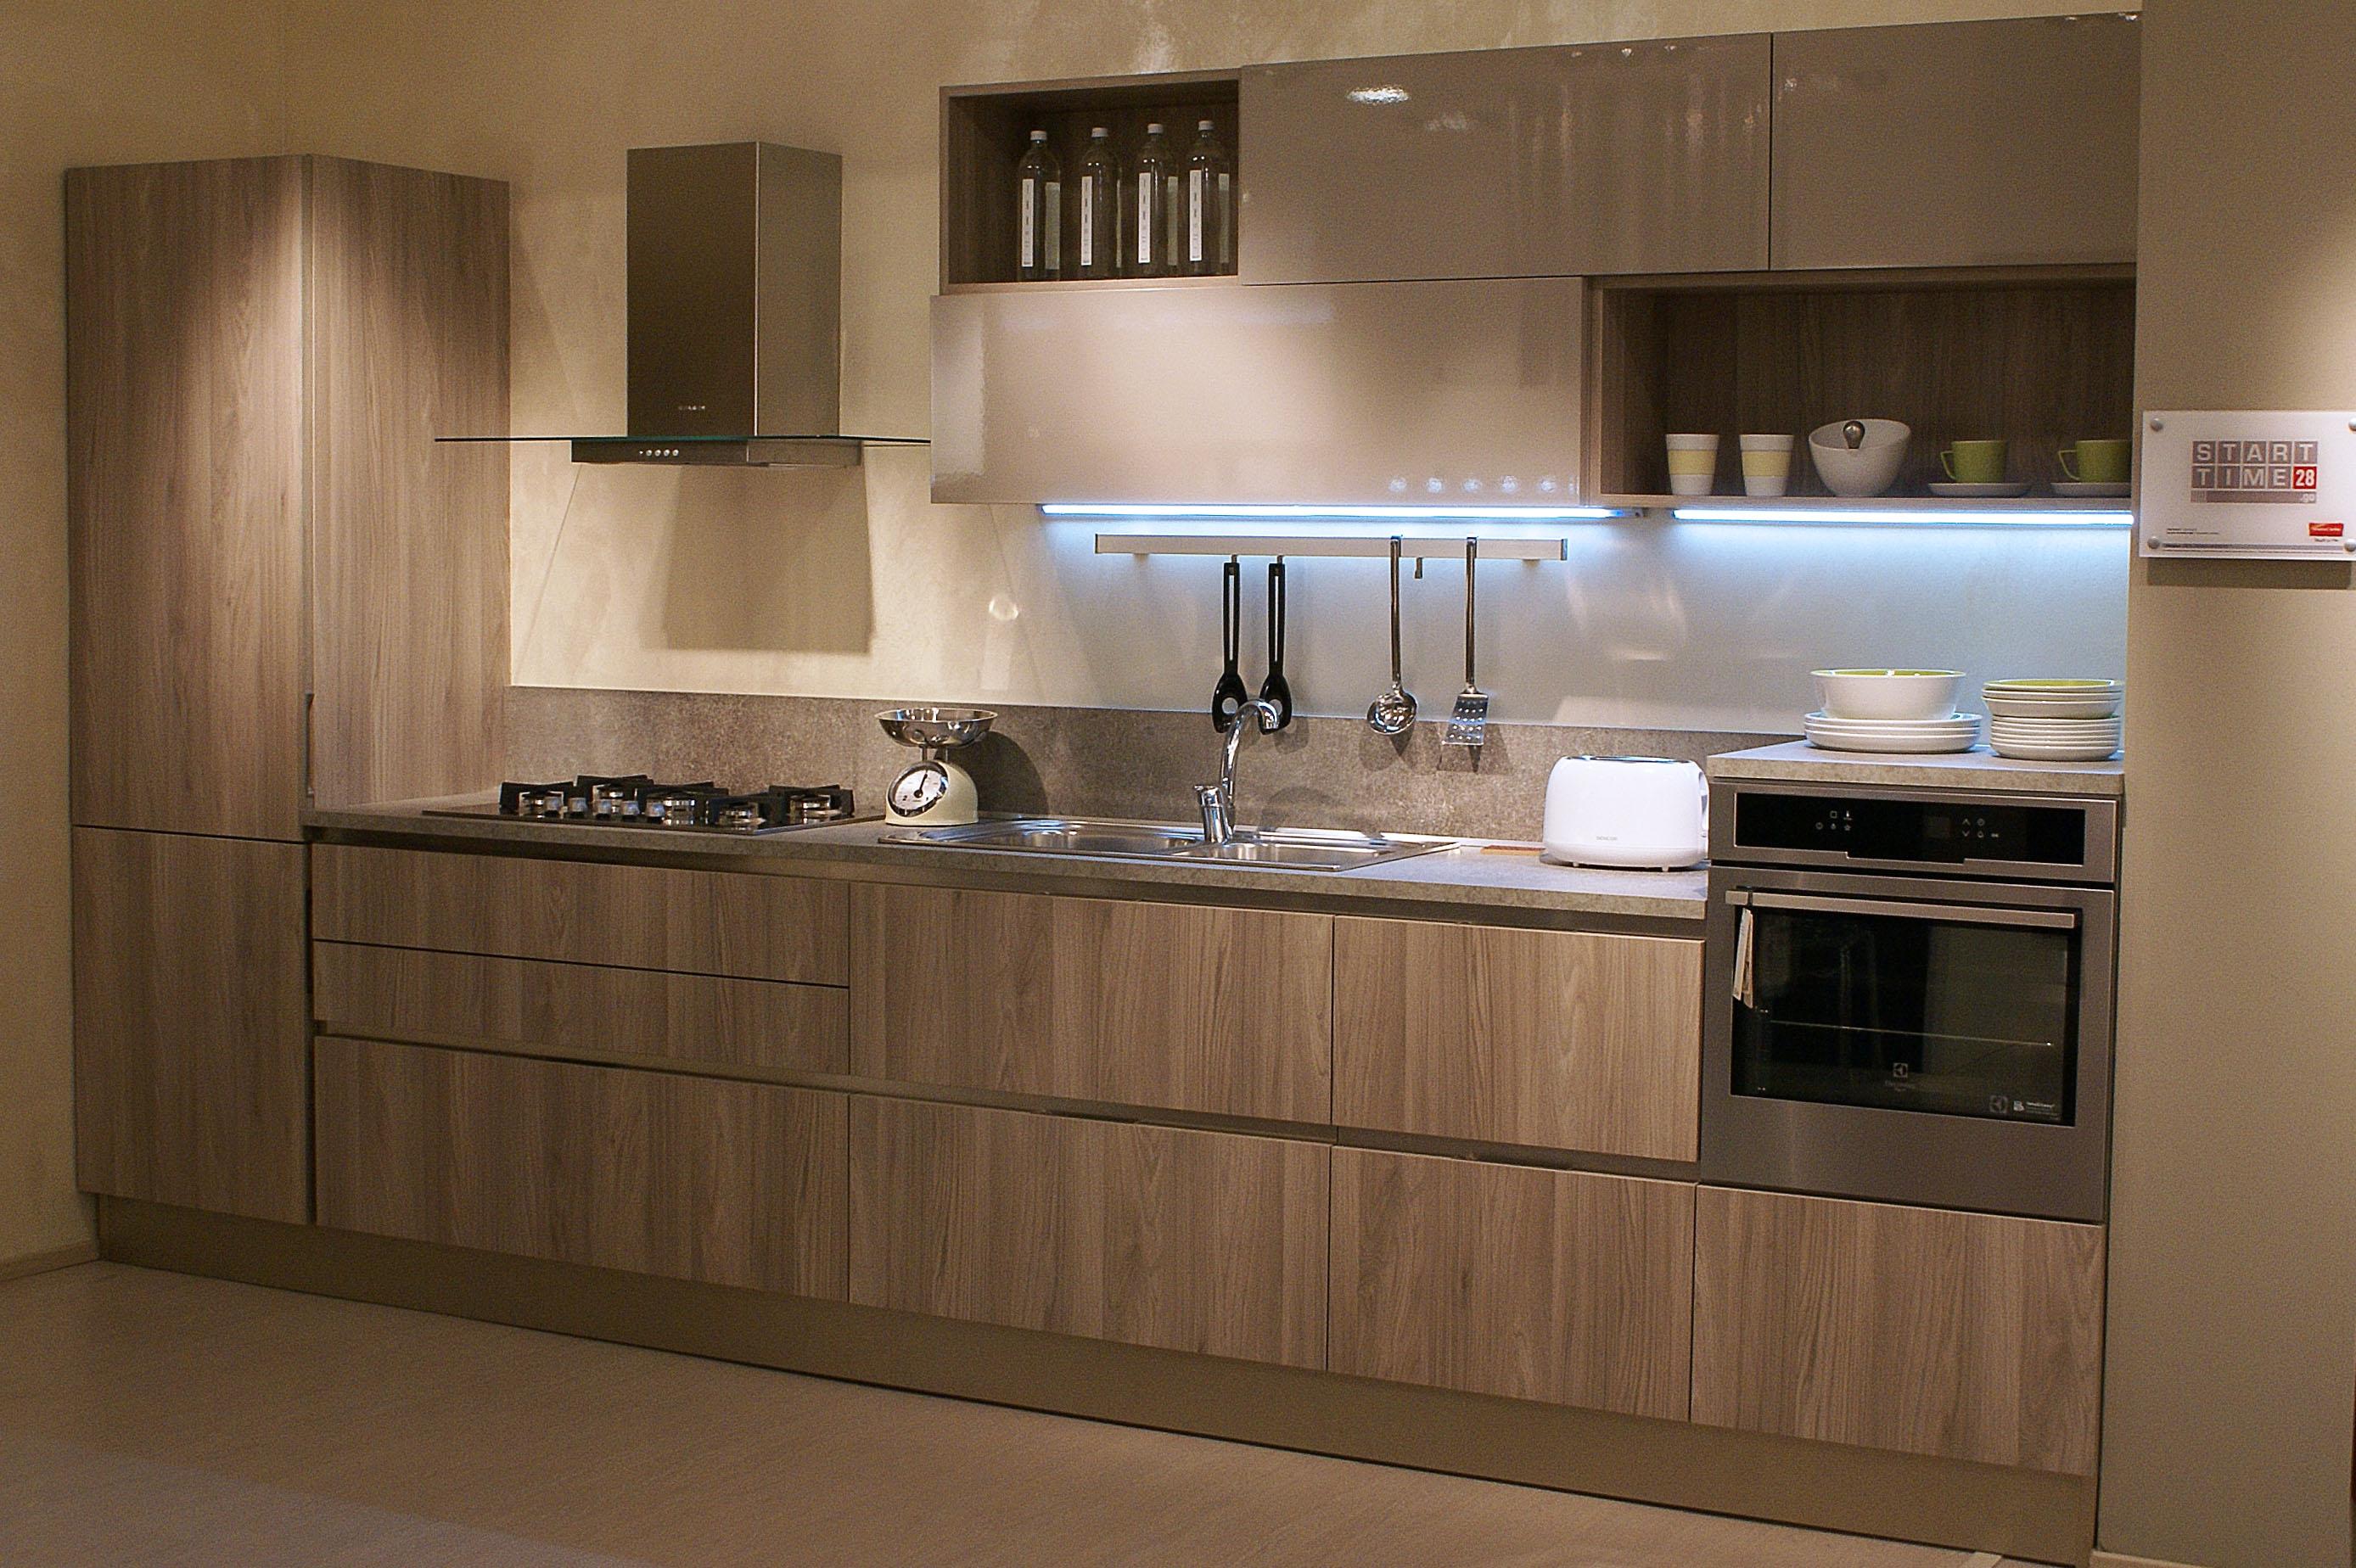 Cucina Veneta Cucine Start go sp.28 laminato olmo e laccato Moderno Legno Neutra - Cucine a ...